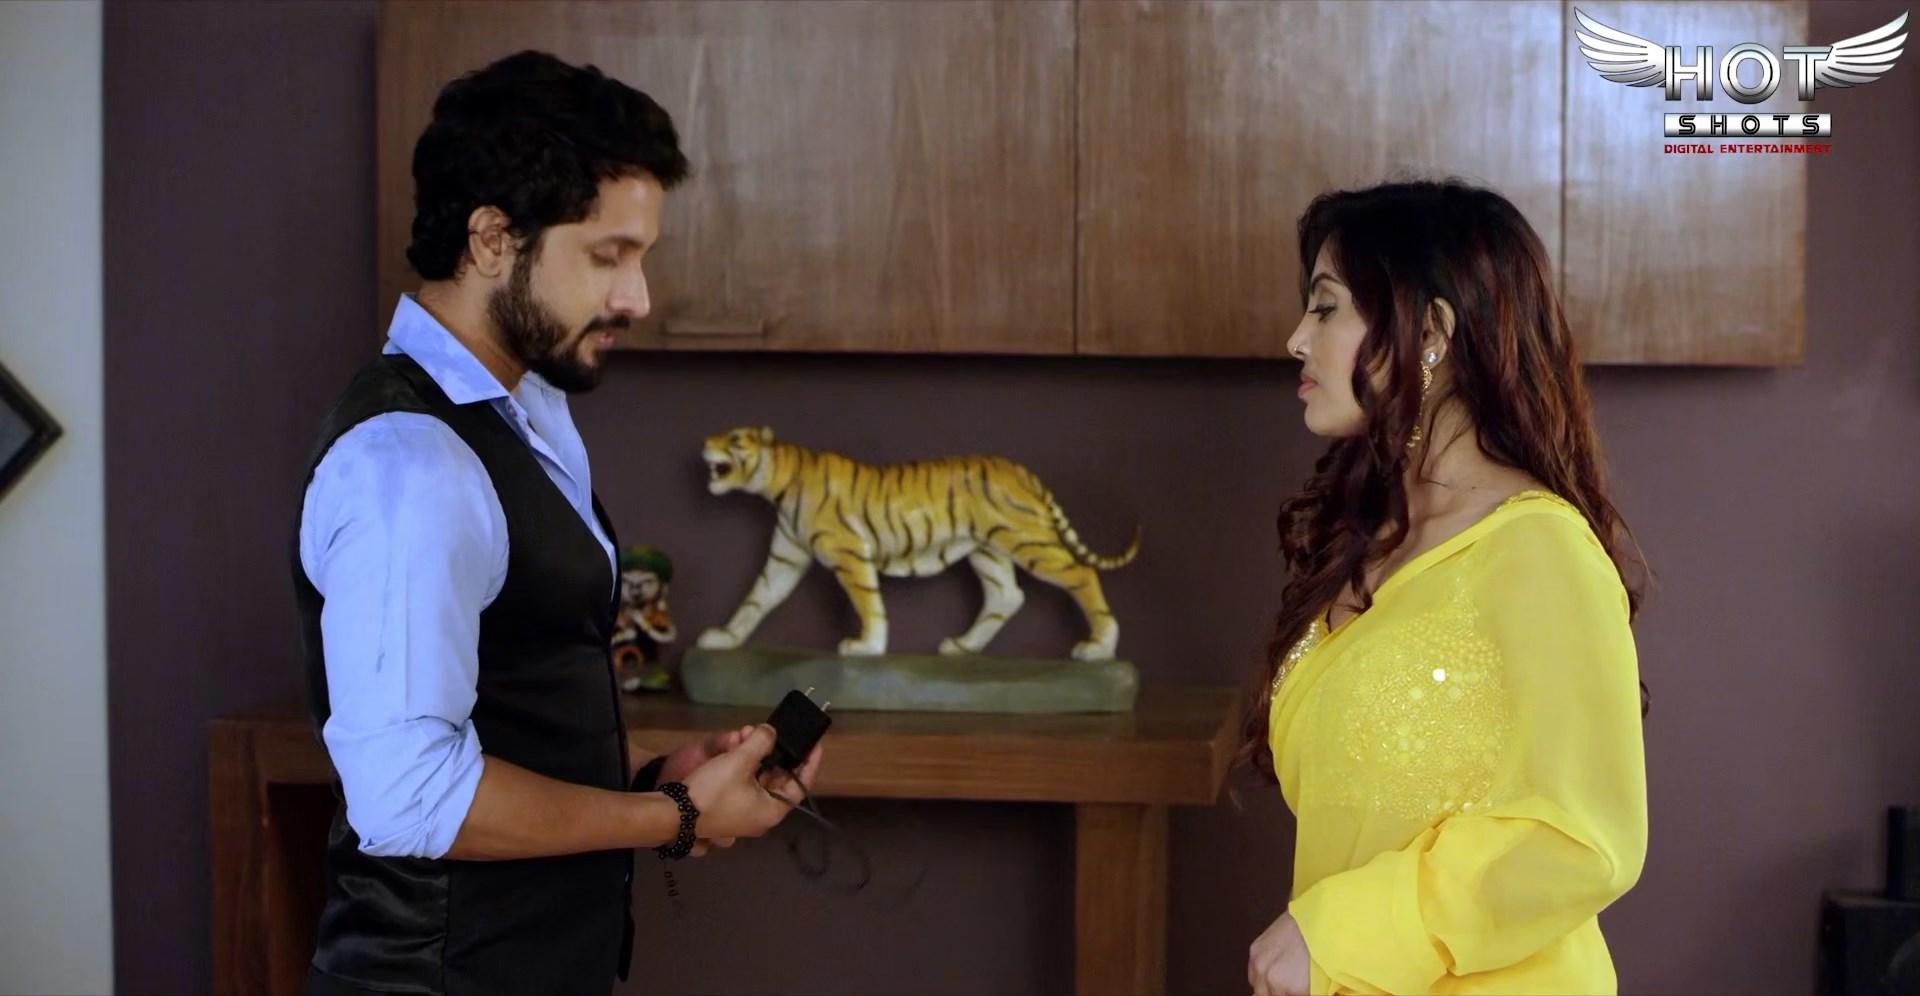 dhrs 10 - 18+ Dream 2020 HotShots Originals Hindi Short Film 720p HDRip 150MB x264 AAC